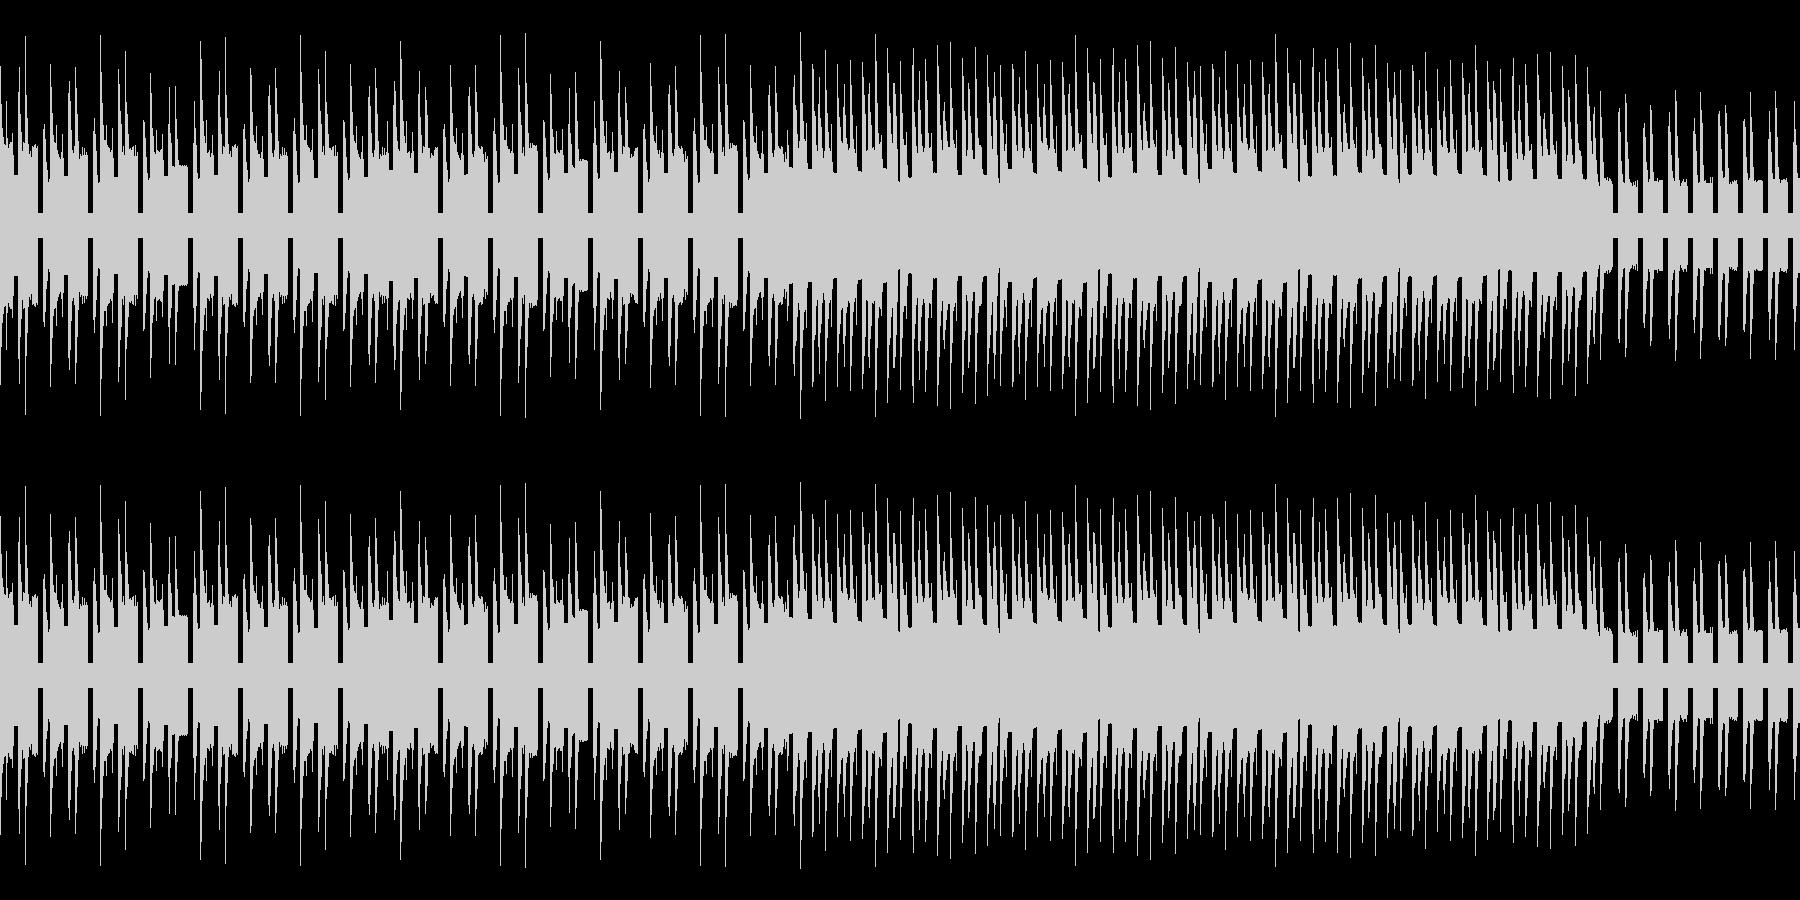 気だるい雰囲気のレトロゲーム風バラードの未再生の波形